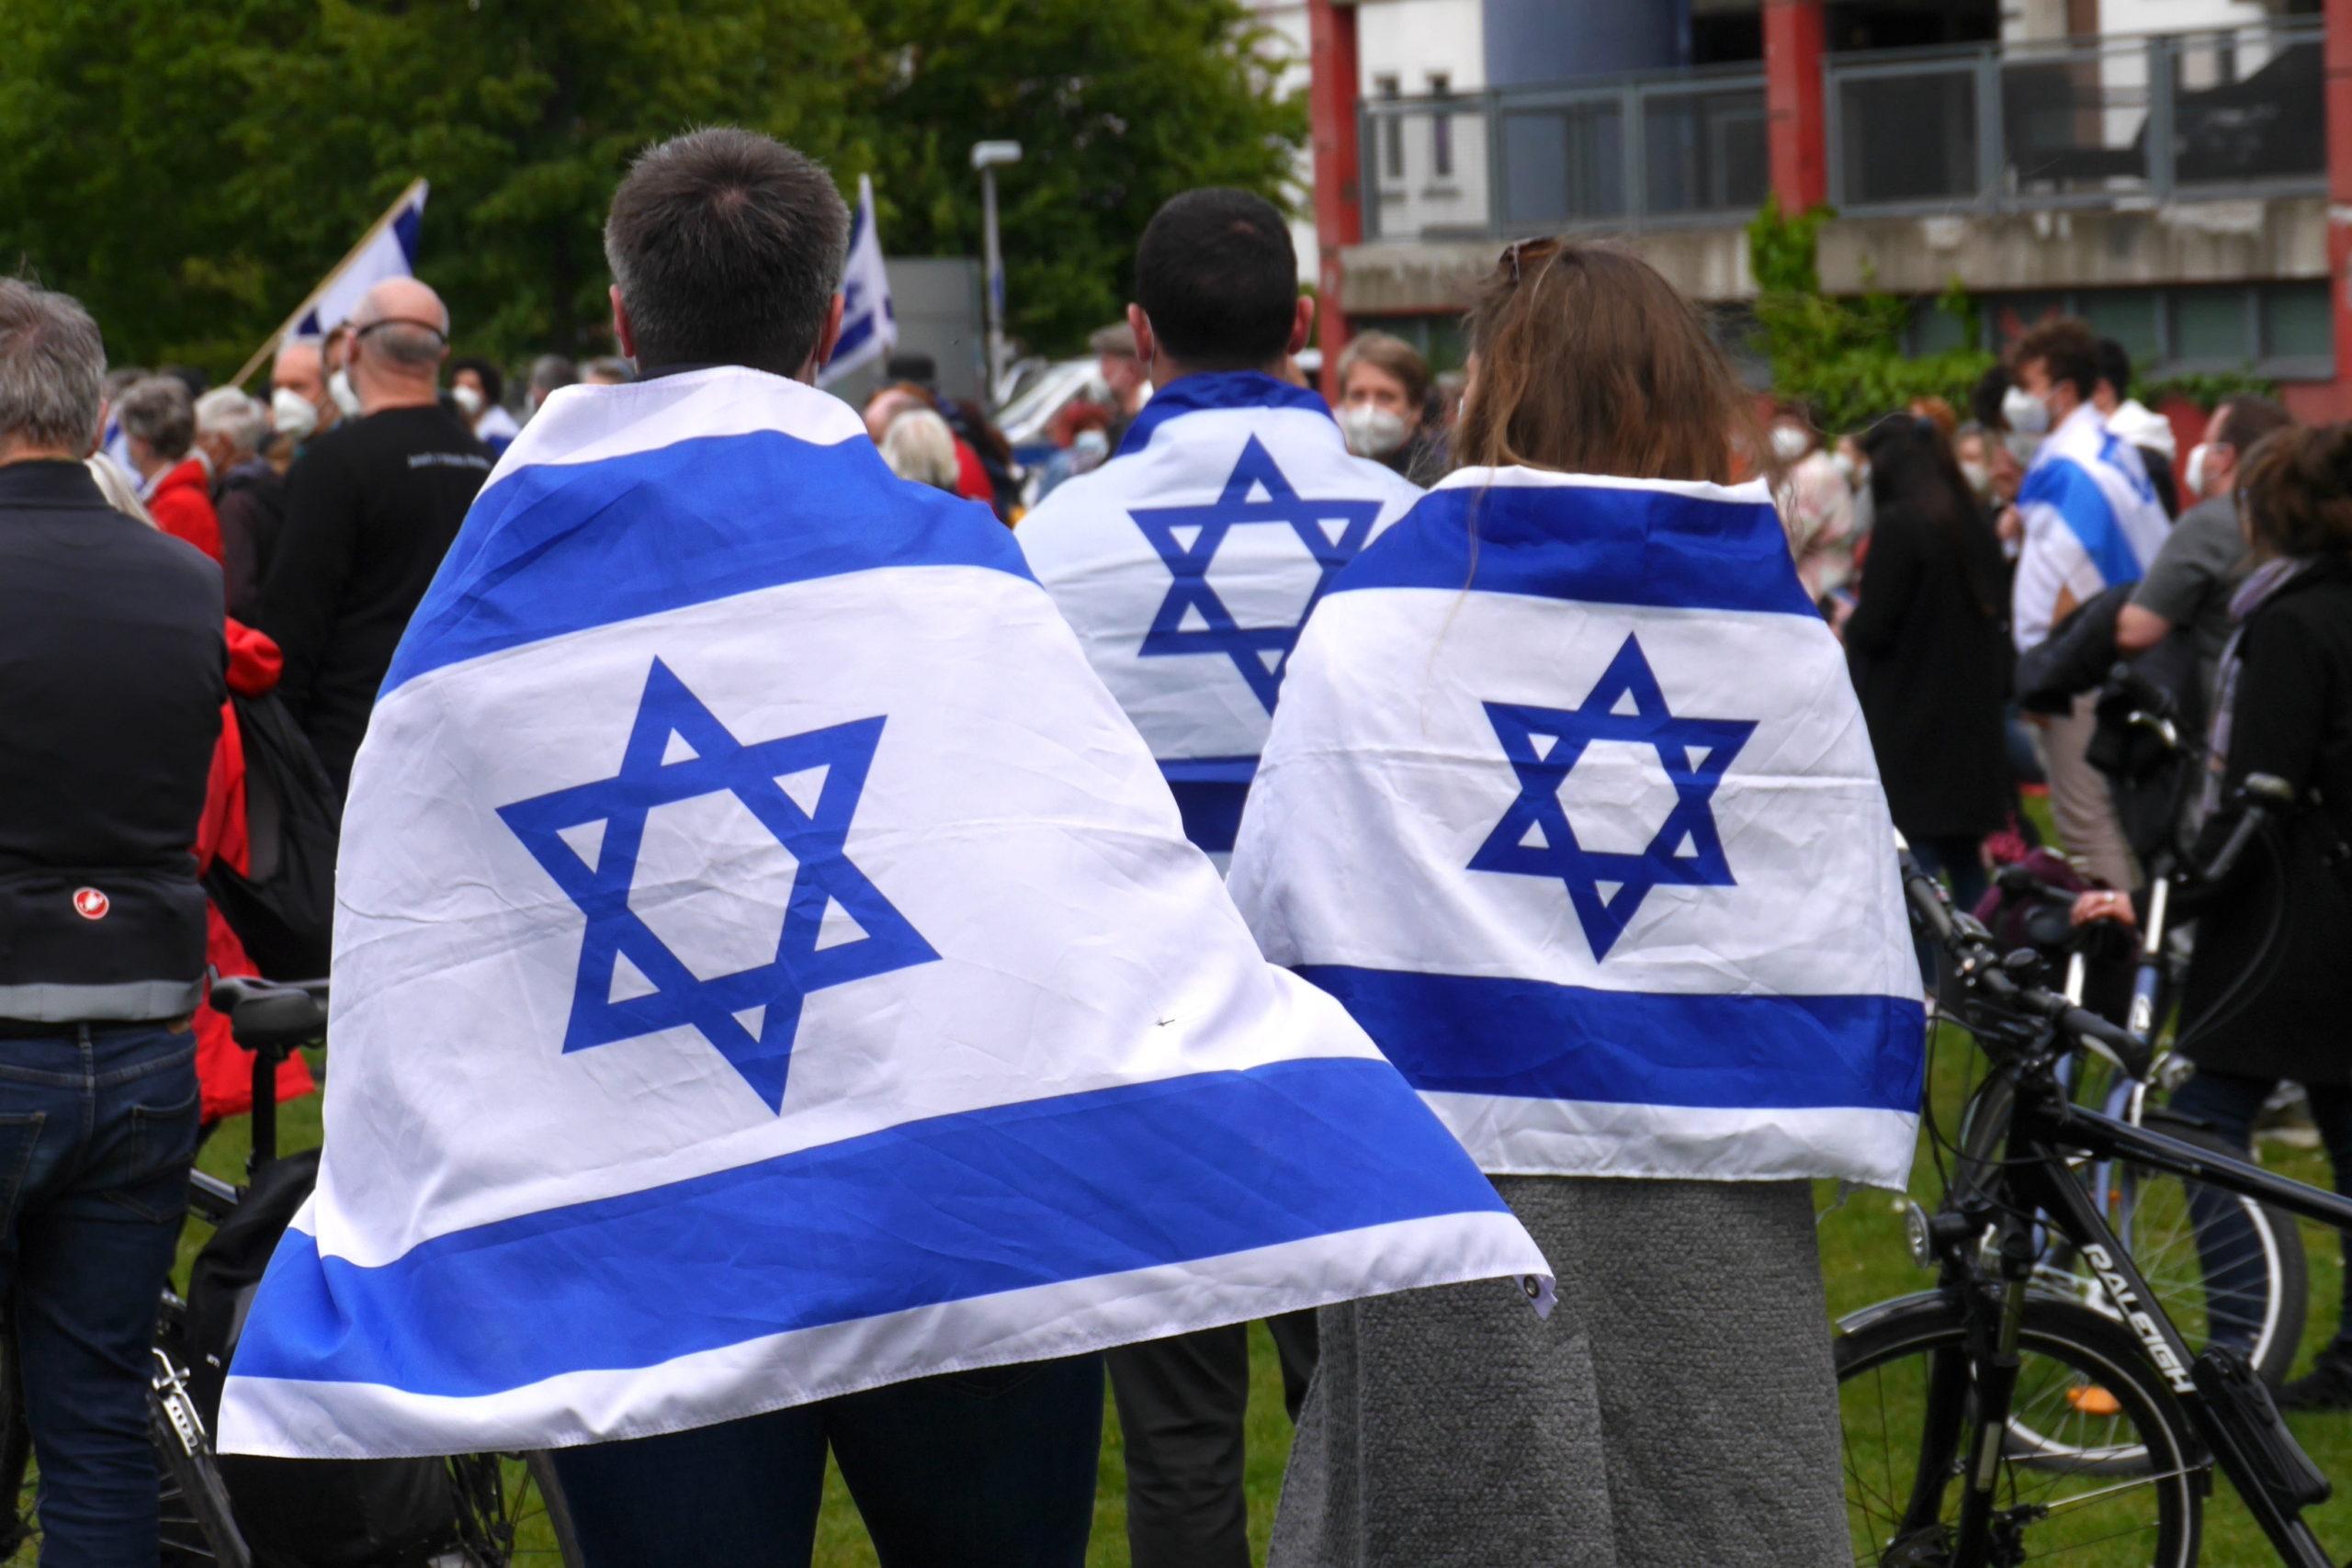 Aufruf zur Solidarität mit Israel und zum Engagement gegen Antisemitismus